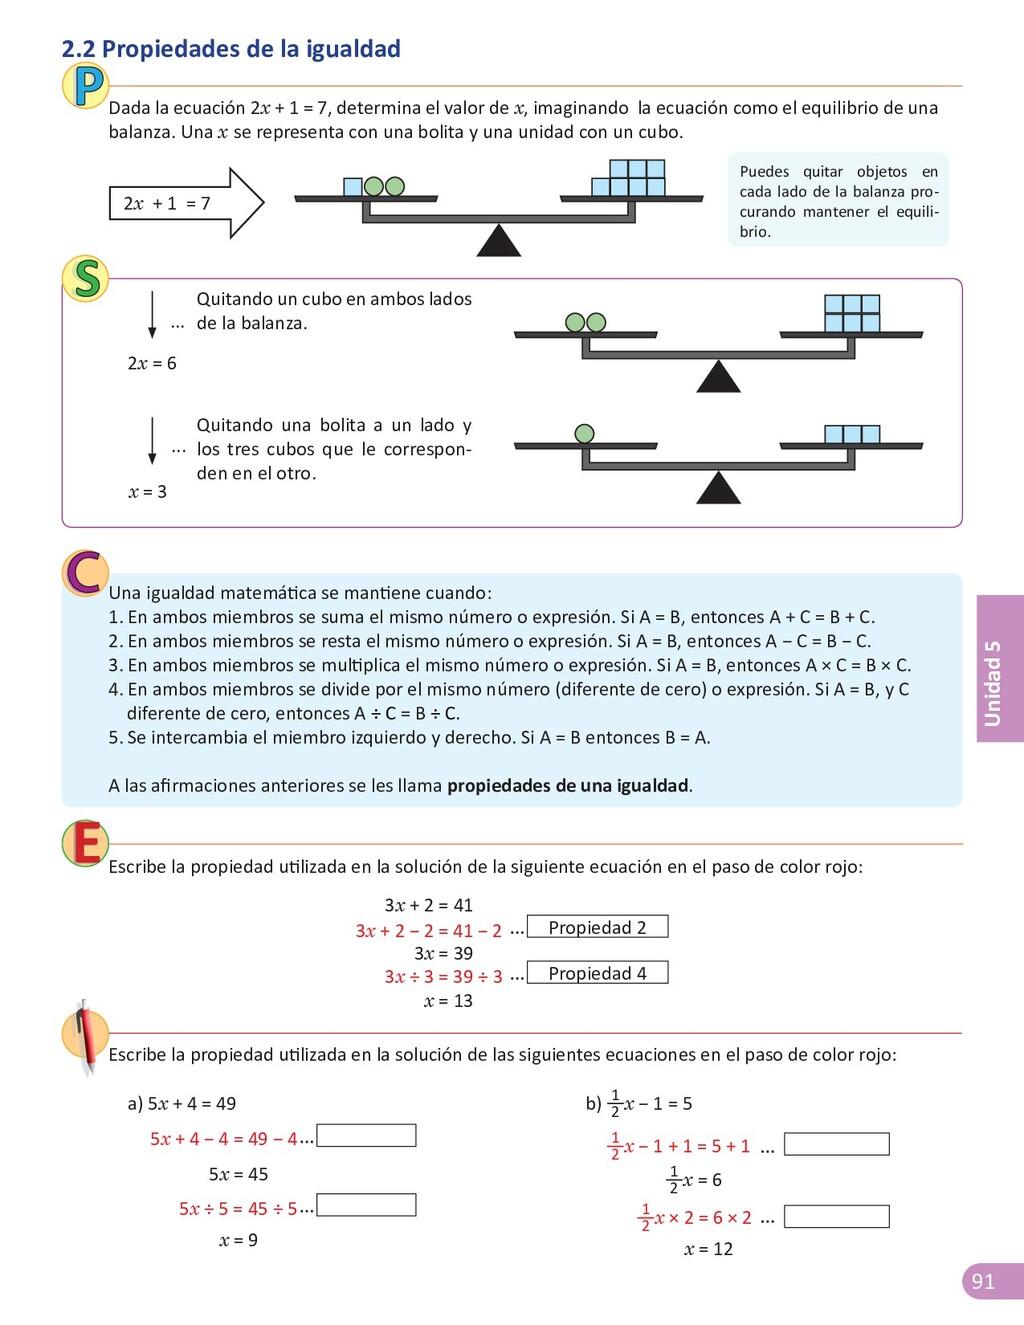 91 Unidad 5 Dada la ecuación 2x + 1 = 7, determ...